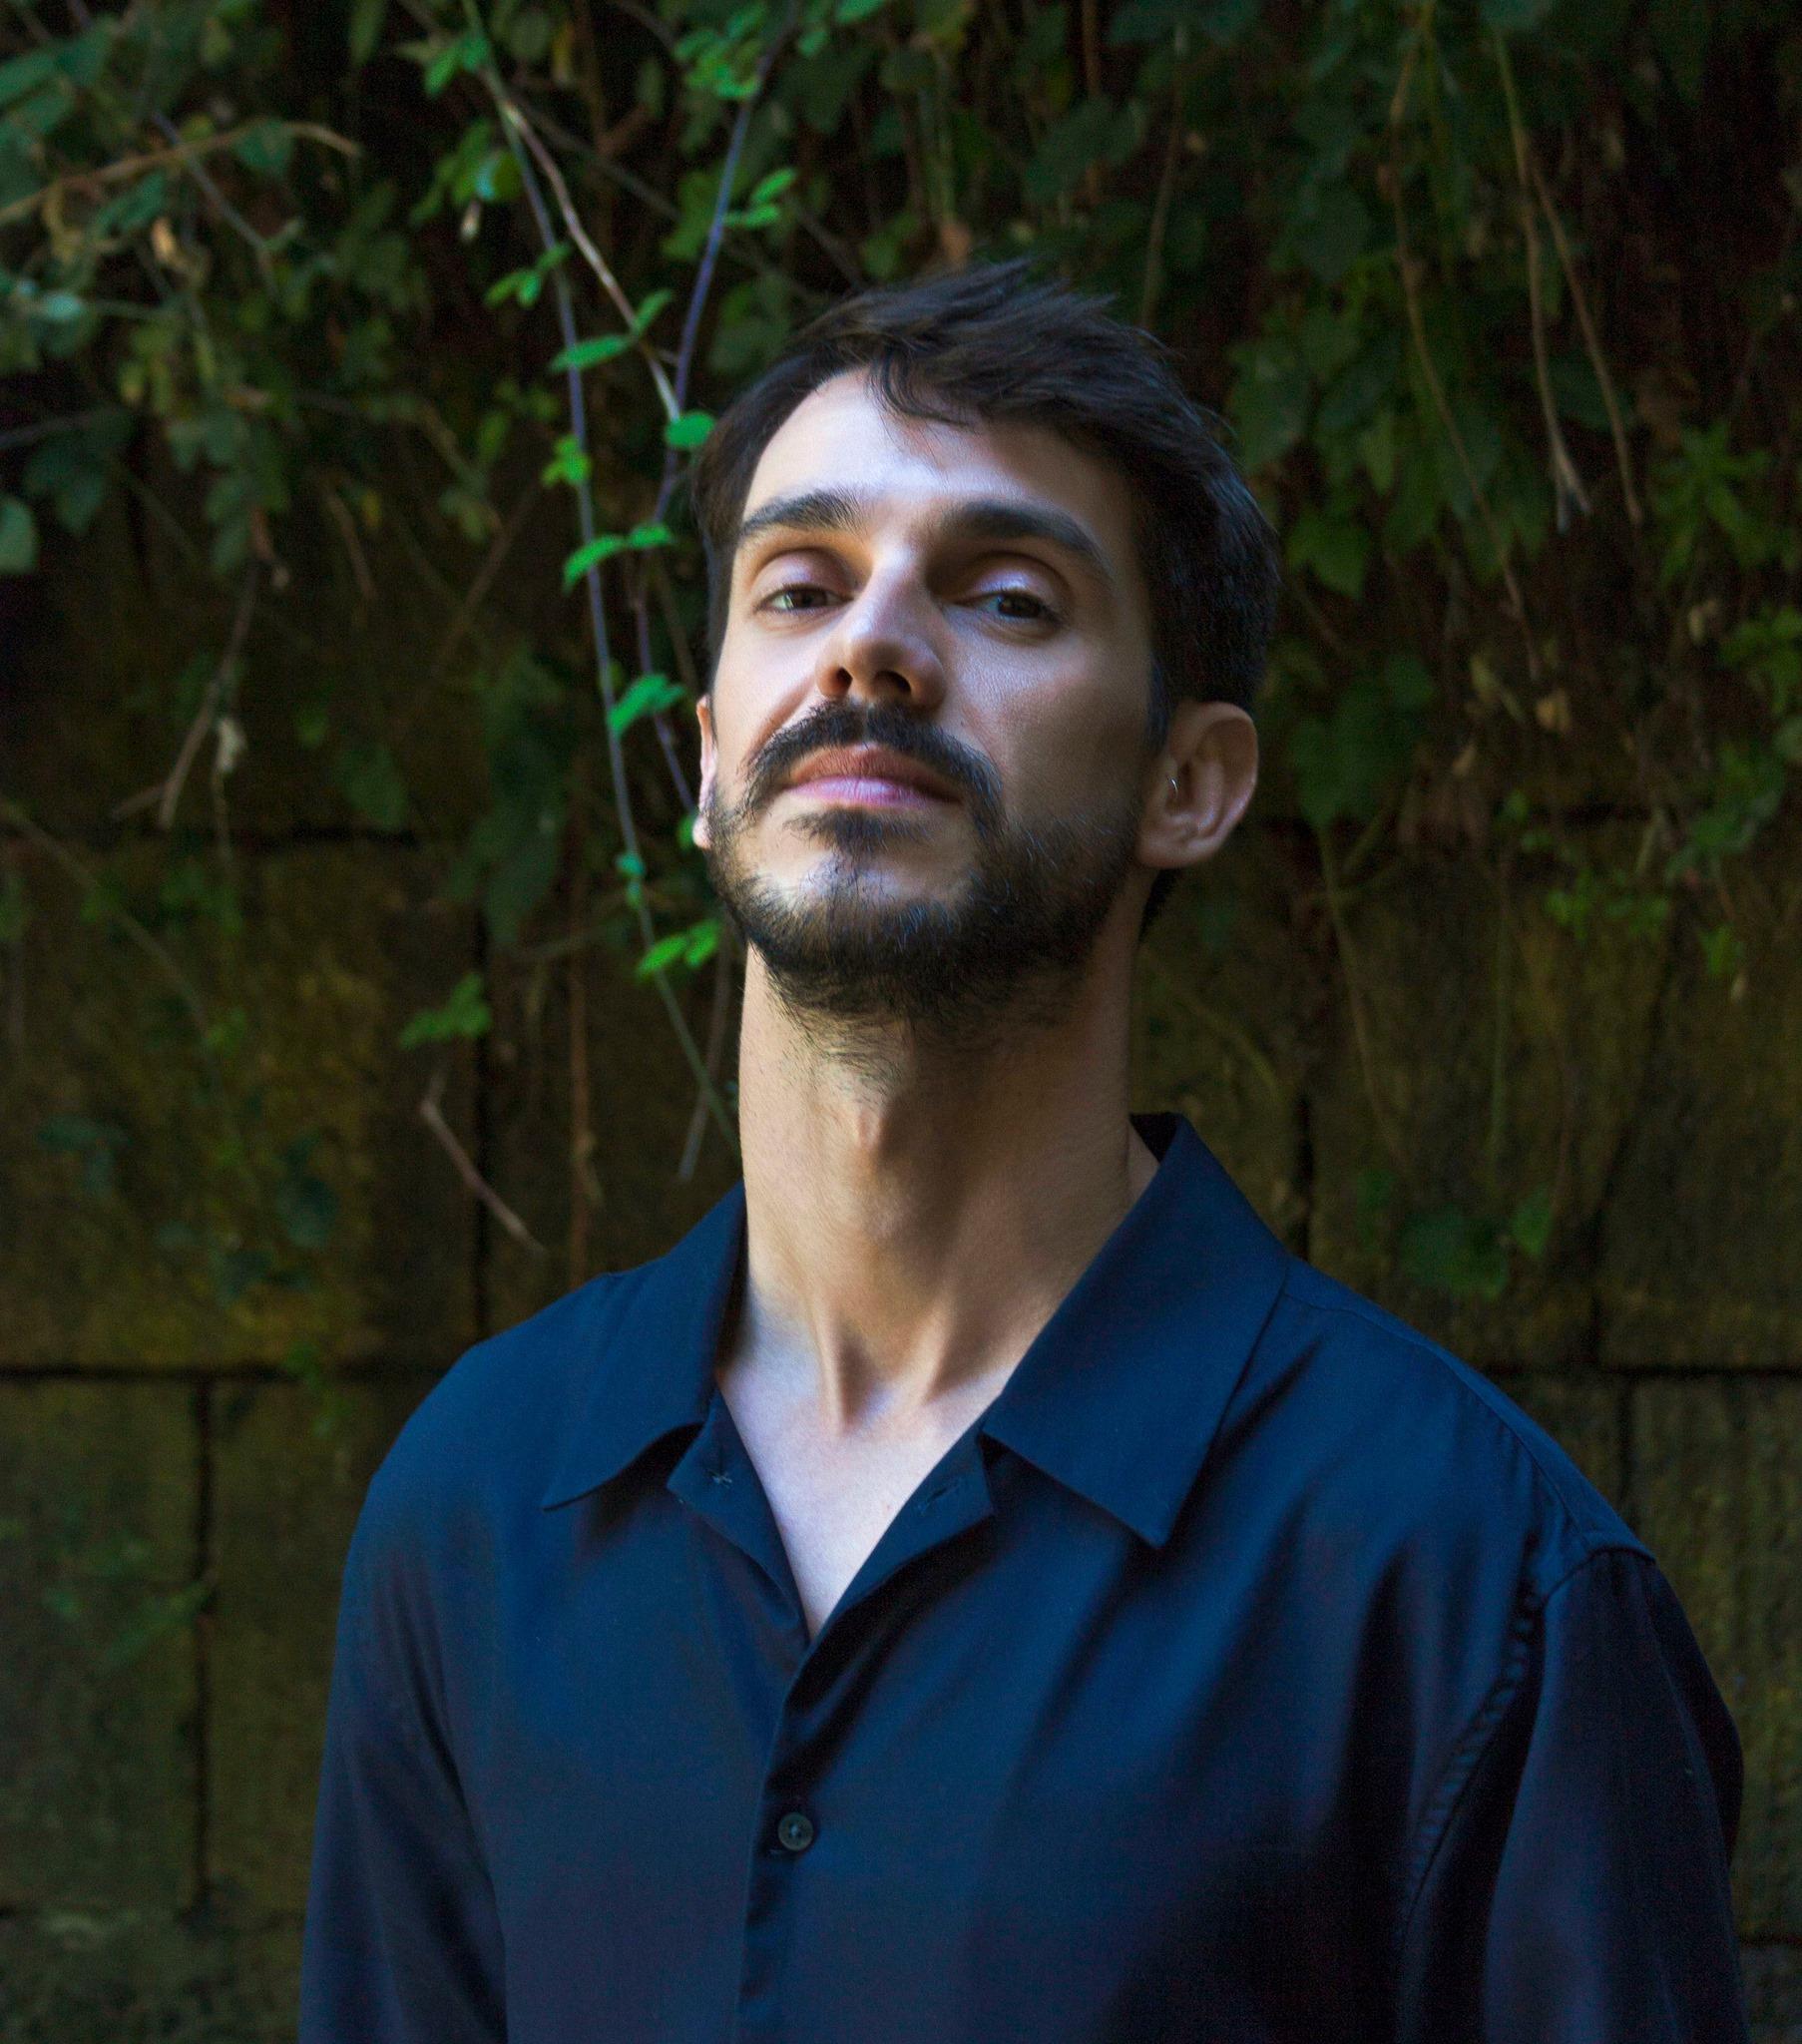 O Círculo da Voz | Oficina com Manuel Linhares